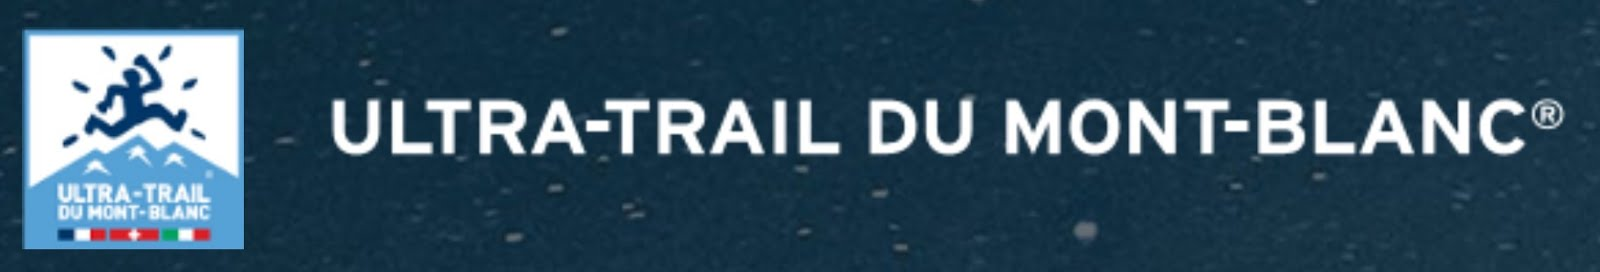 NOTRE DERNIERE COURSE